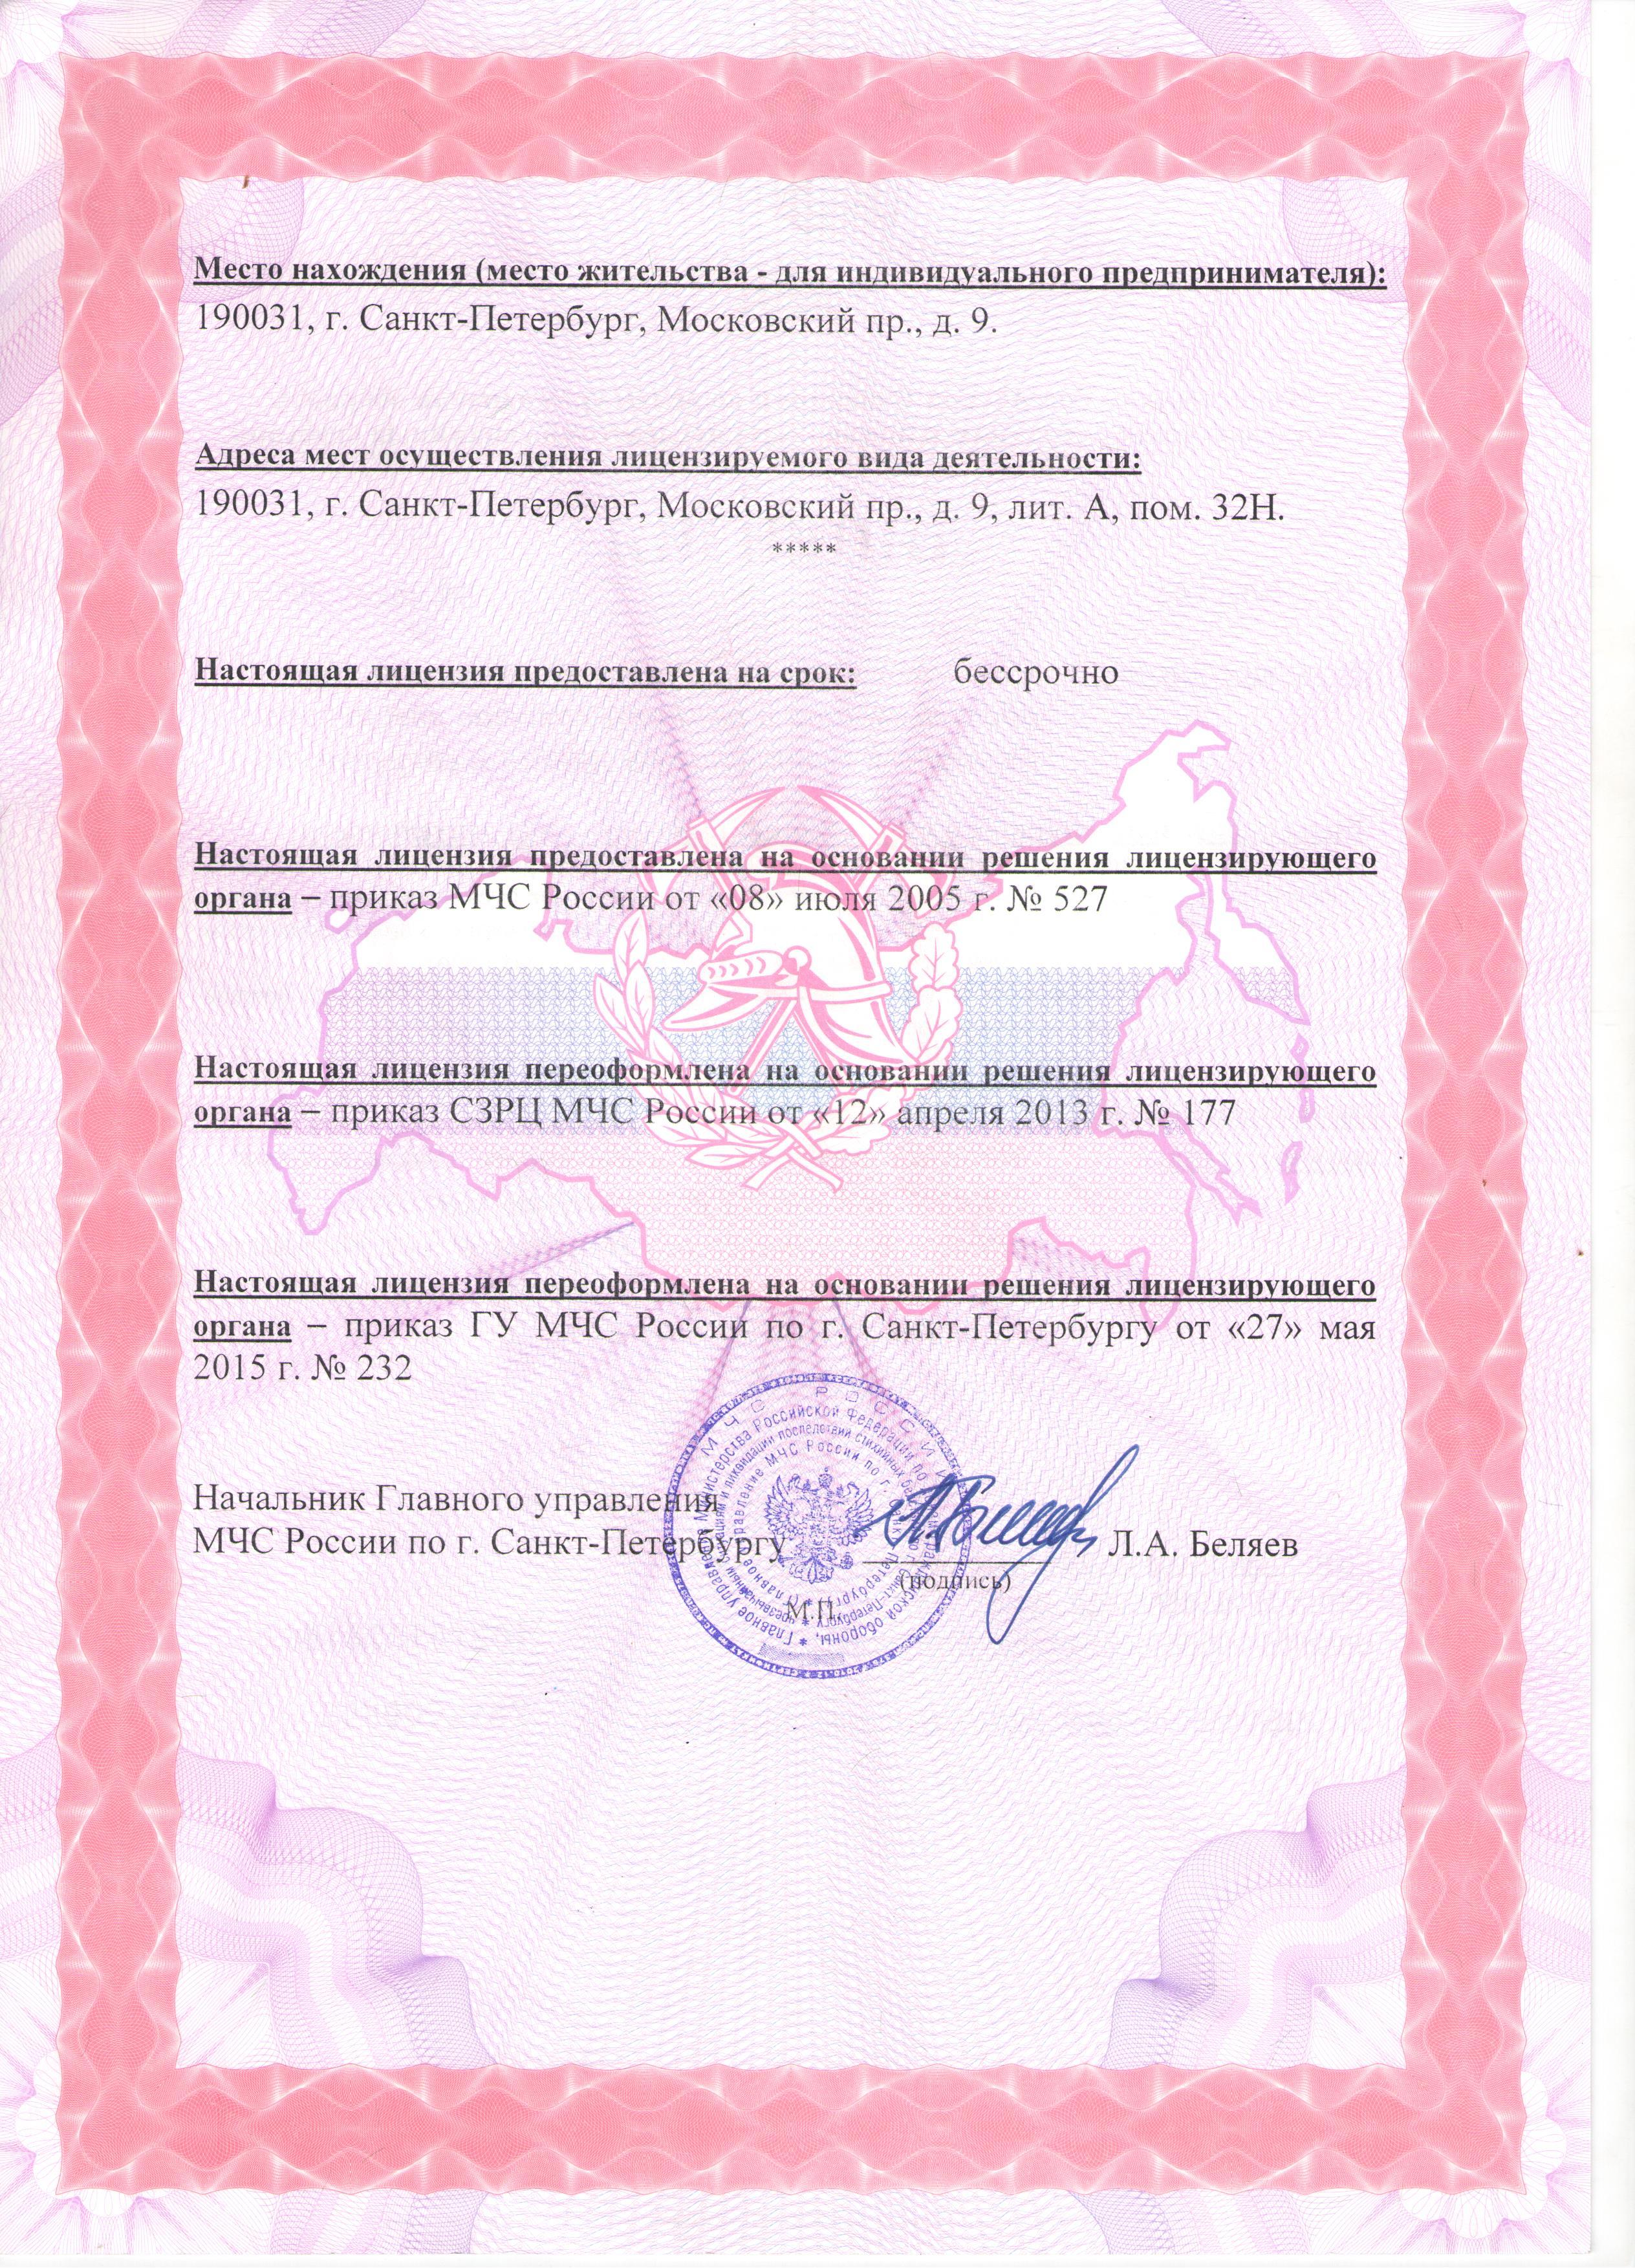 лицензия МЧС в Санкт-Петербурге